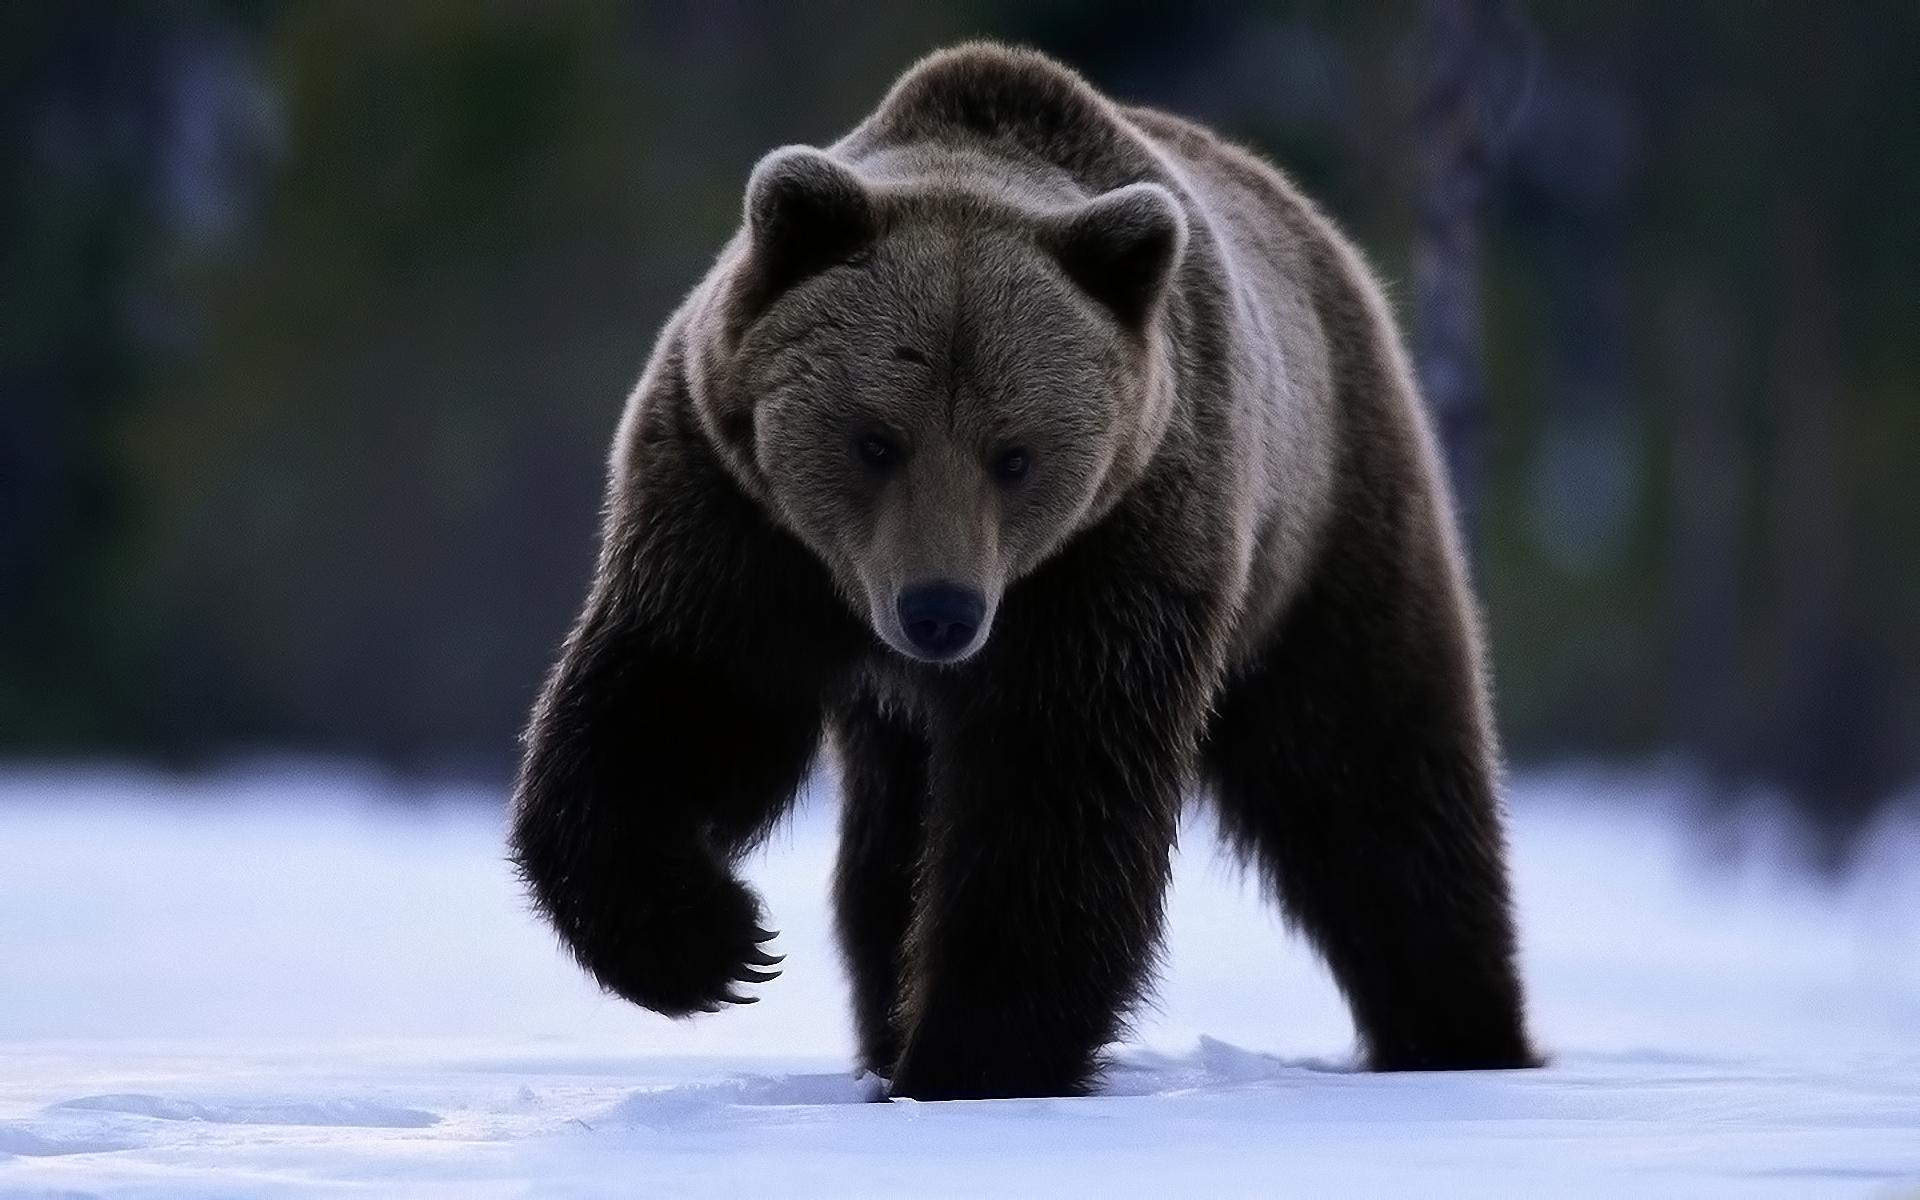 39311 Заставки и Обои Медведи на телефон. Скачать Медведи, Животные картинки бесплатно